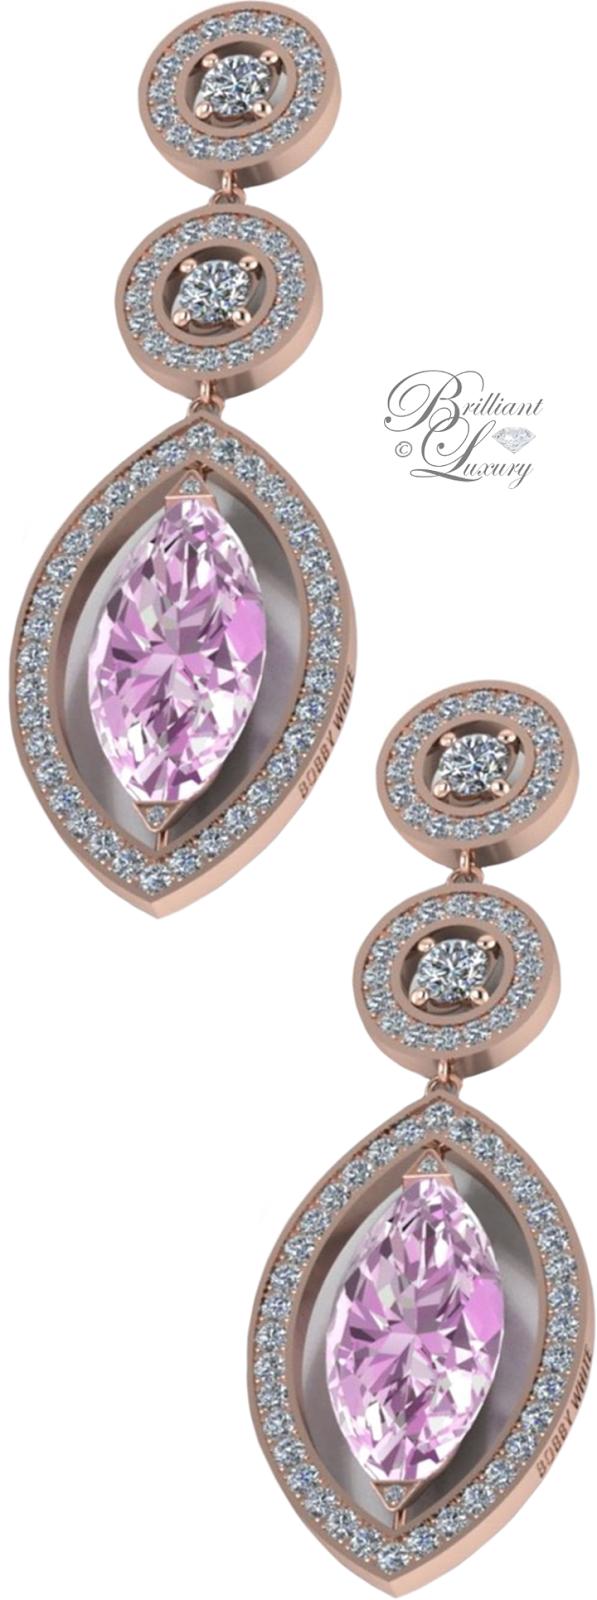 Brilliant Luxury ♦ Bobby White Mora Earrings